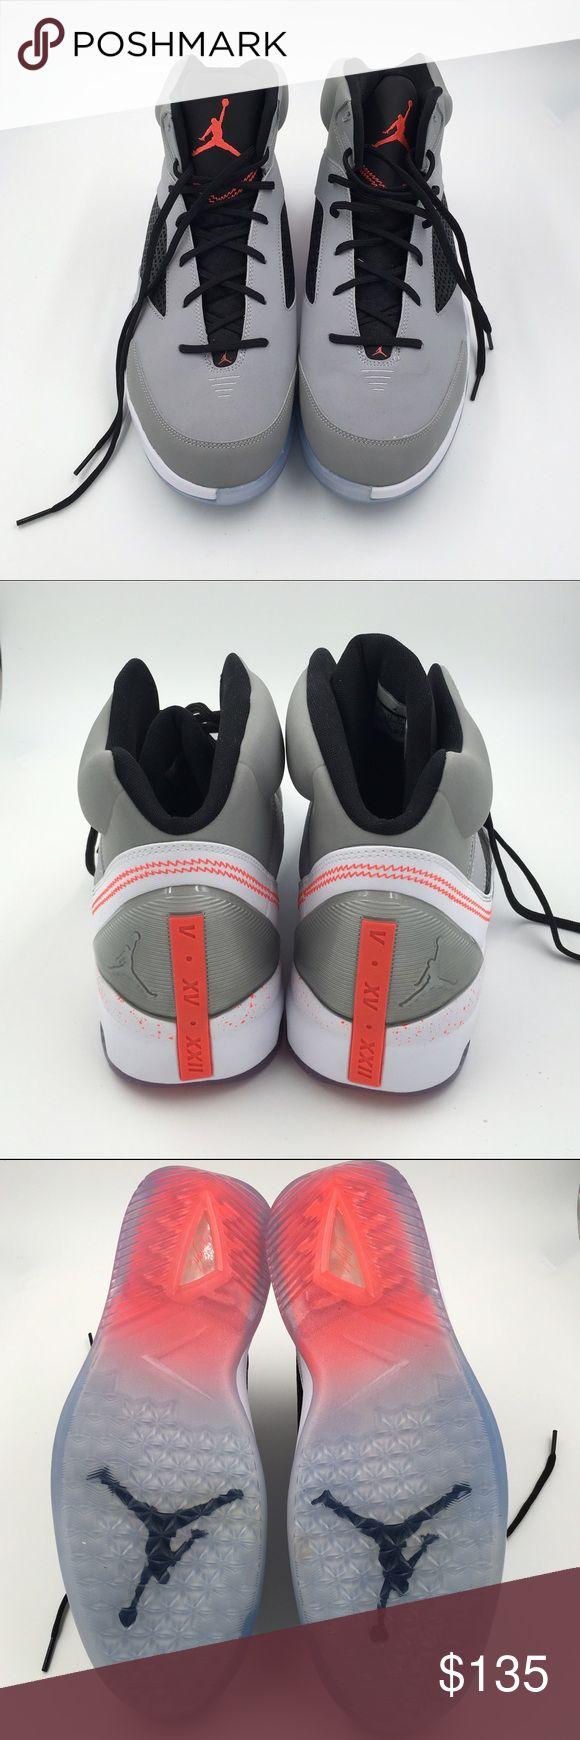 Jordan Flight Remix Baskteball Mens Shoes Never worn. Authentic! Size 13 Mens. Nike Shoes Athletic Shoes